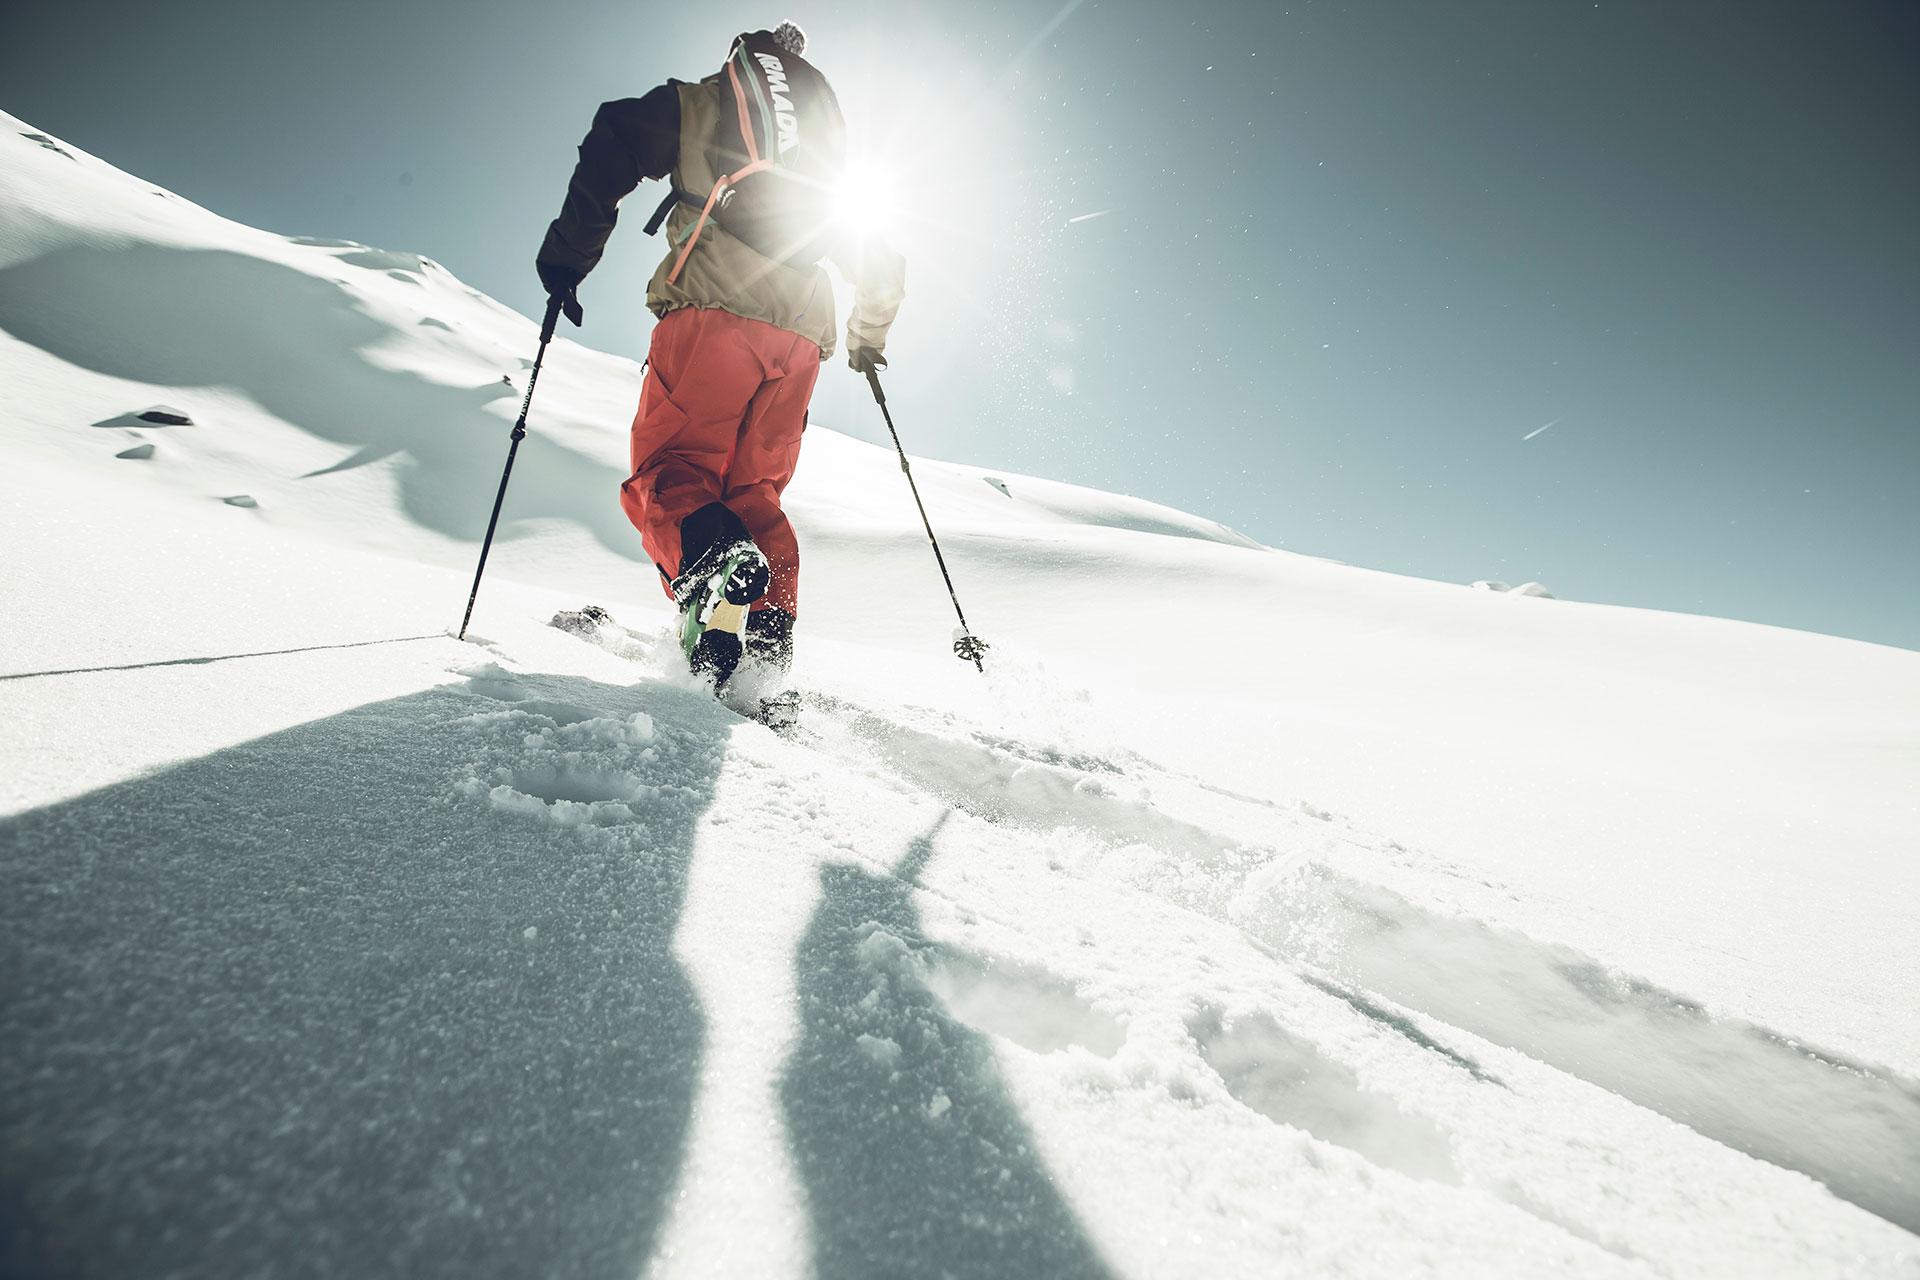 Skitour Landschaft Fotografie Winter Sport Powder Aufstieg RedBull Magazin Werbung Outdoor Zürich